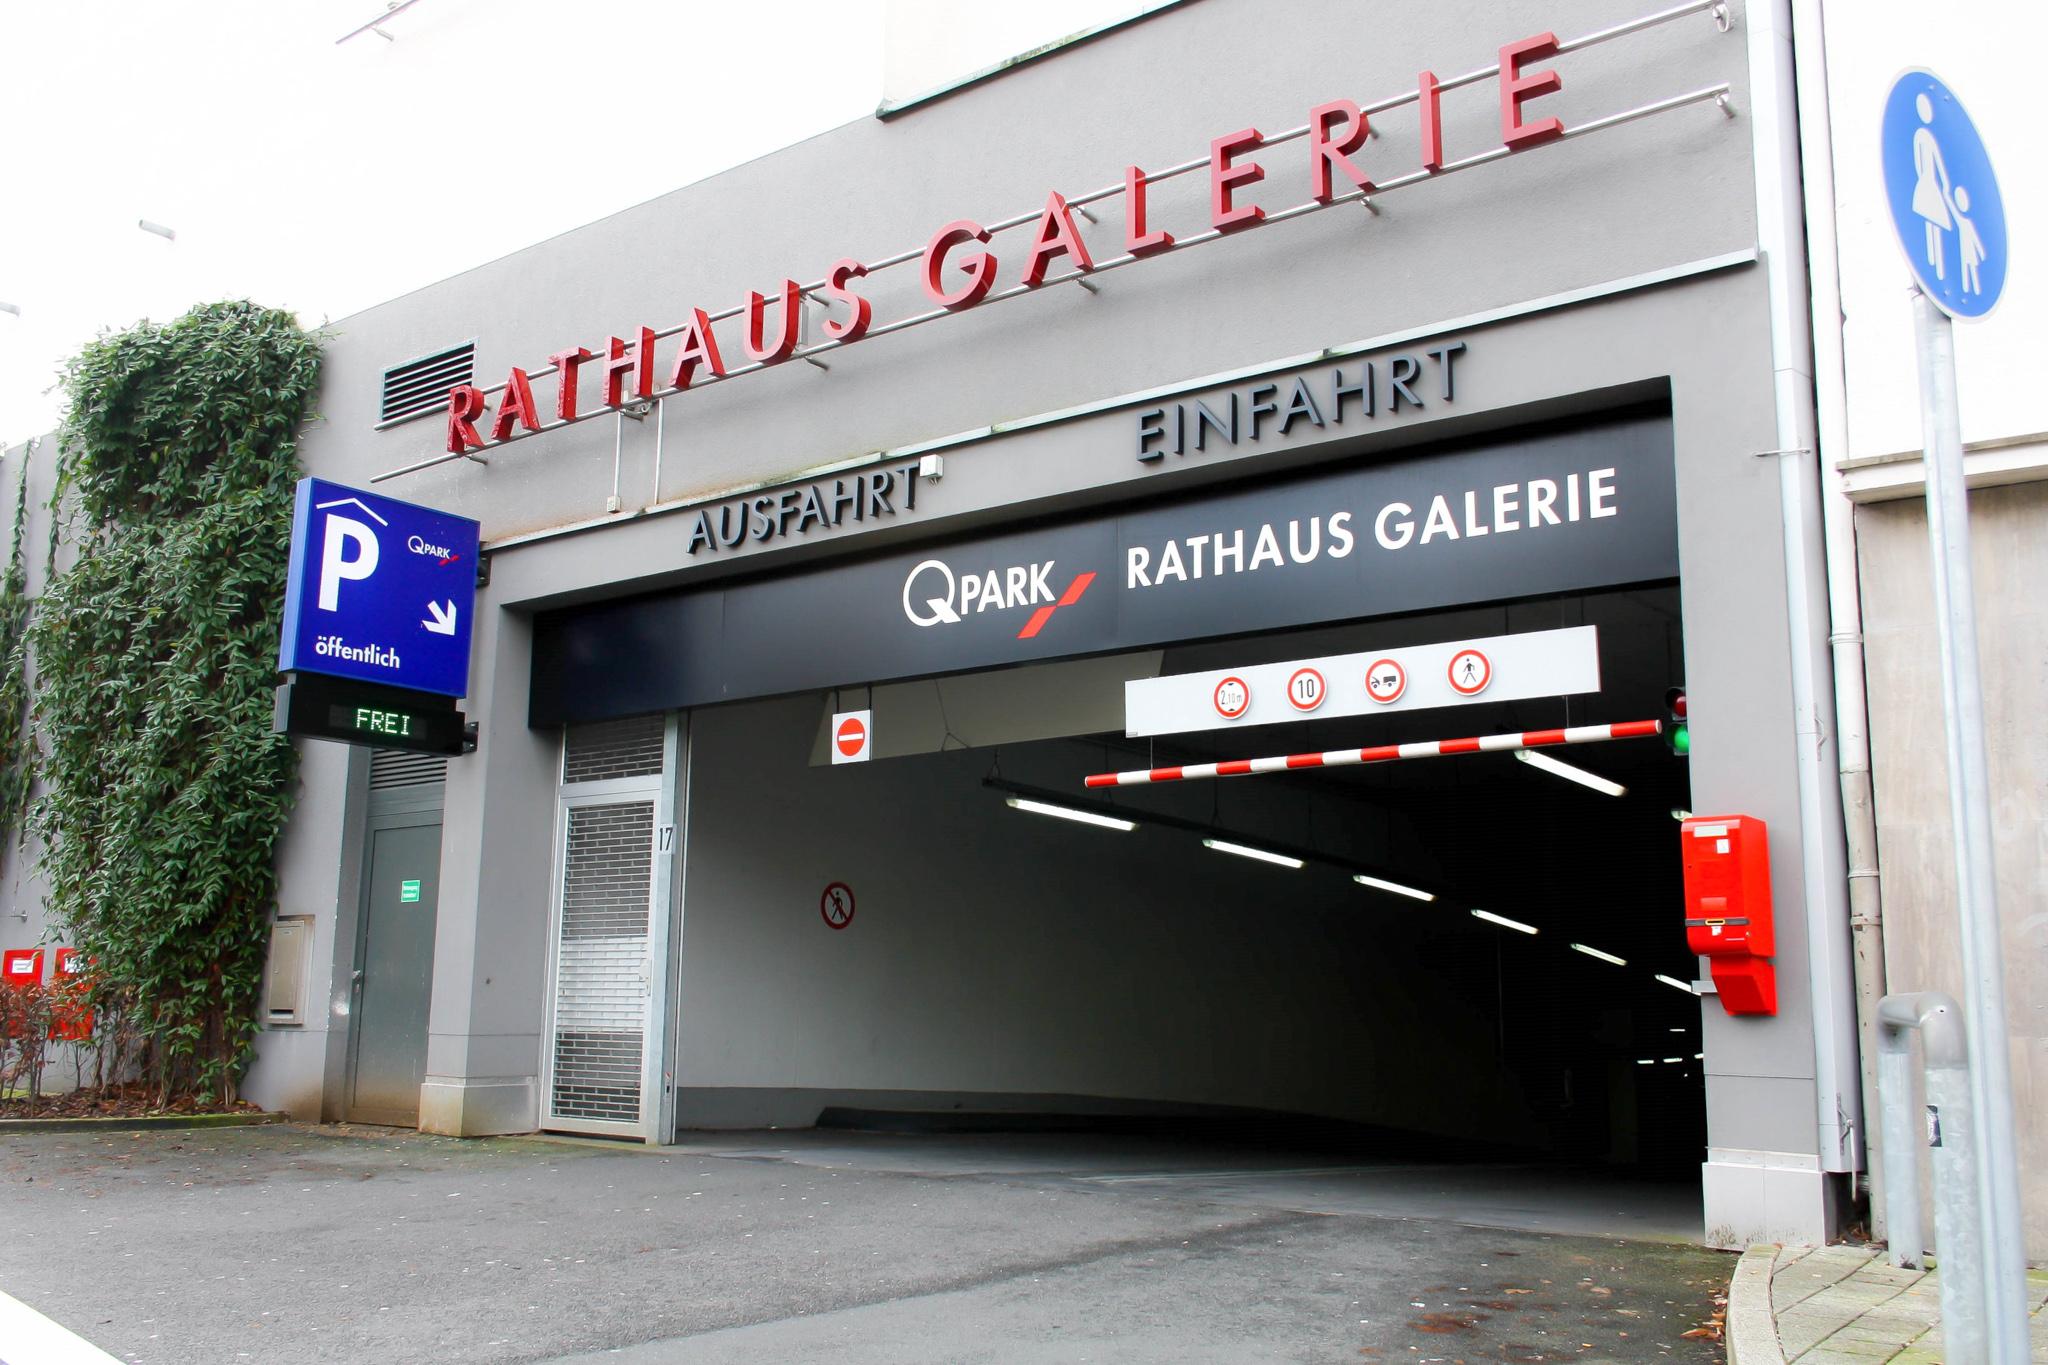 Rathaus Galerie Parkhaus Hagen Q Park